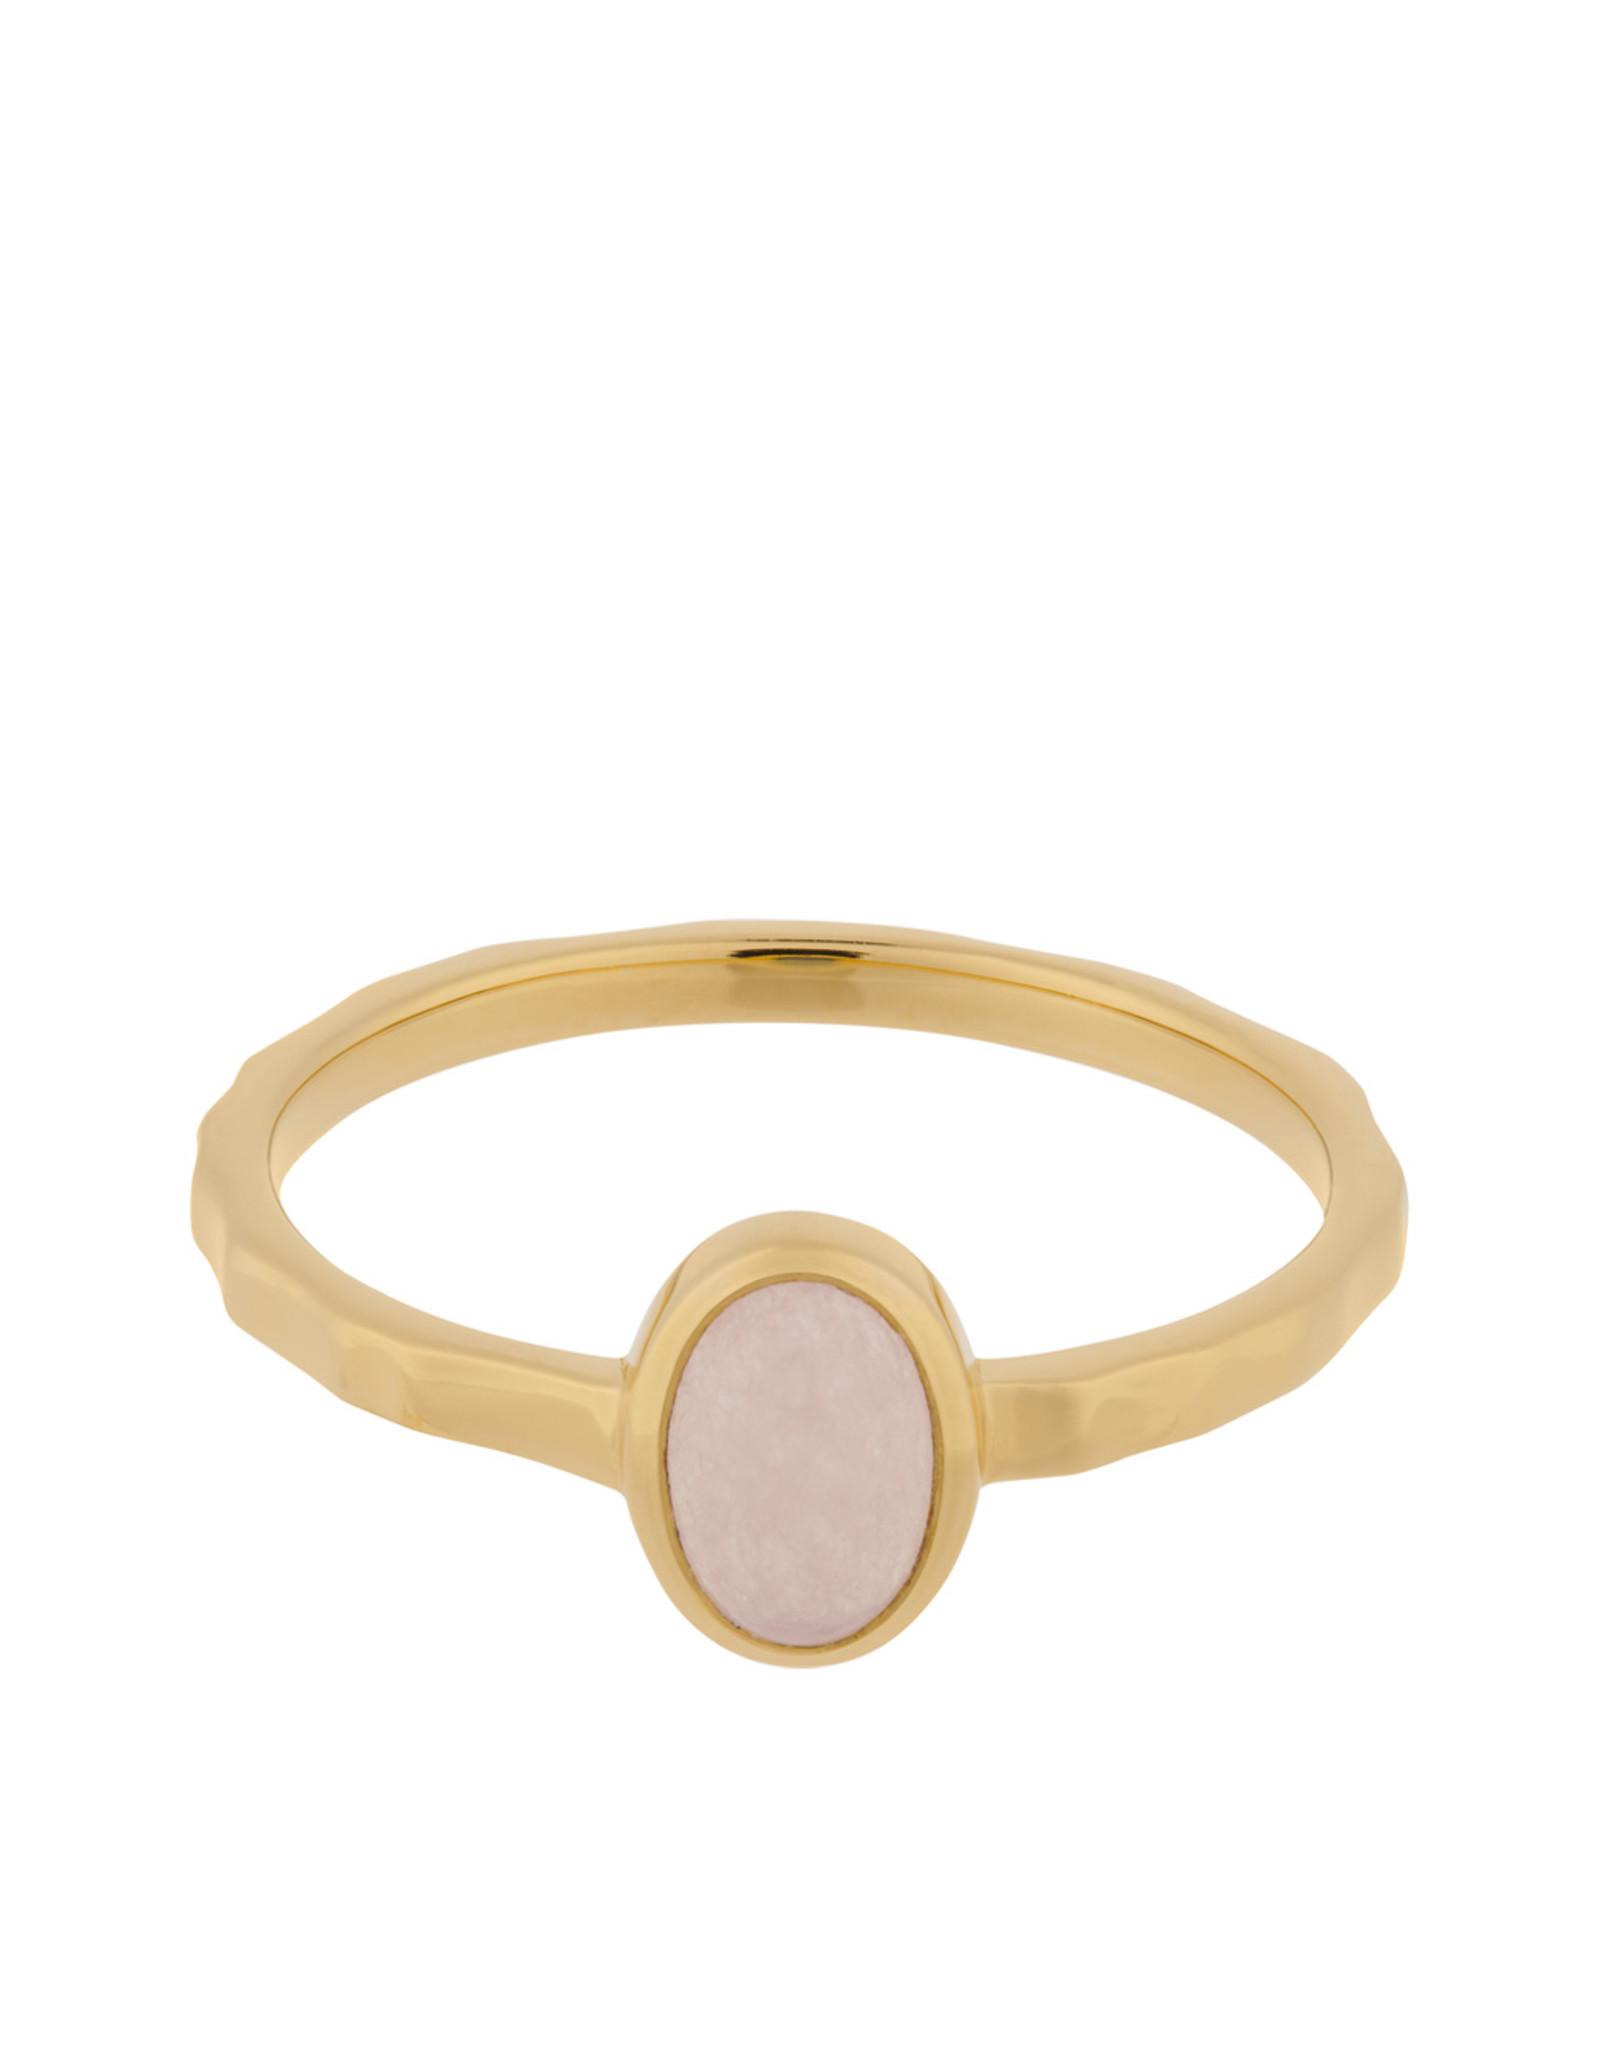 Pernille Corydon Shine Rose Ring - Quartz 52